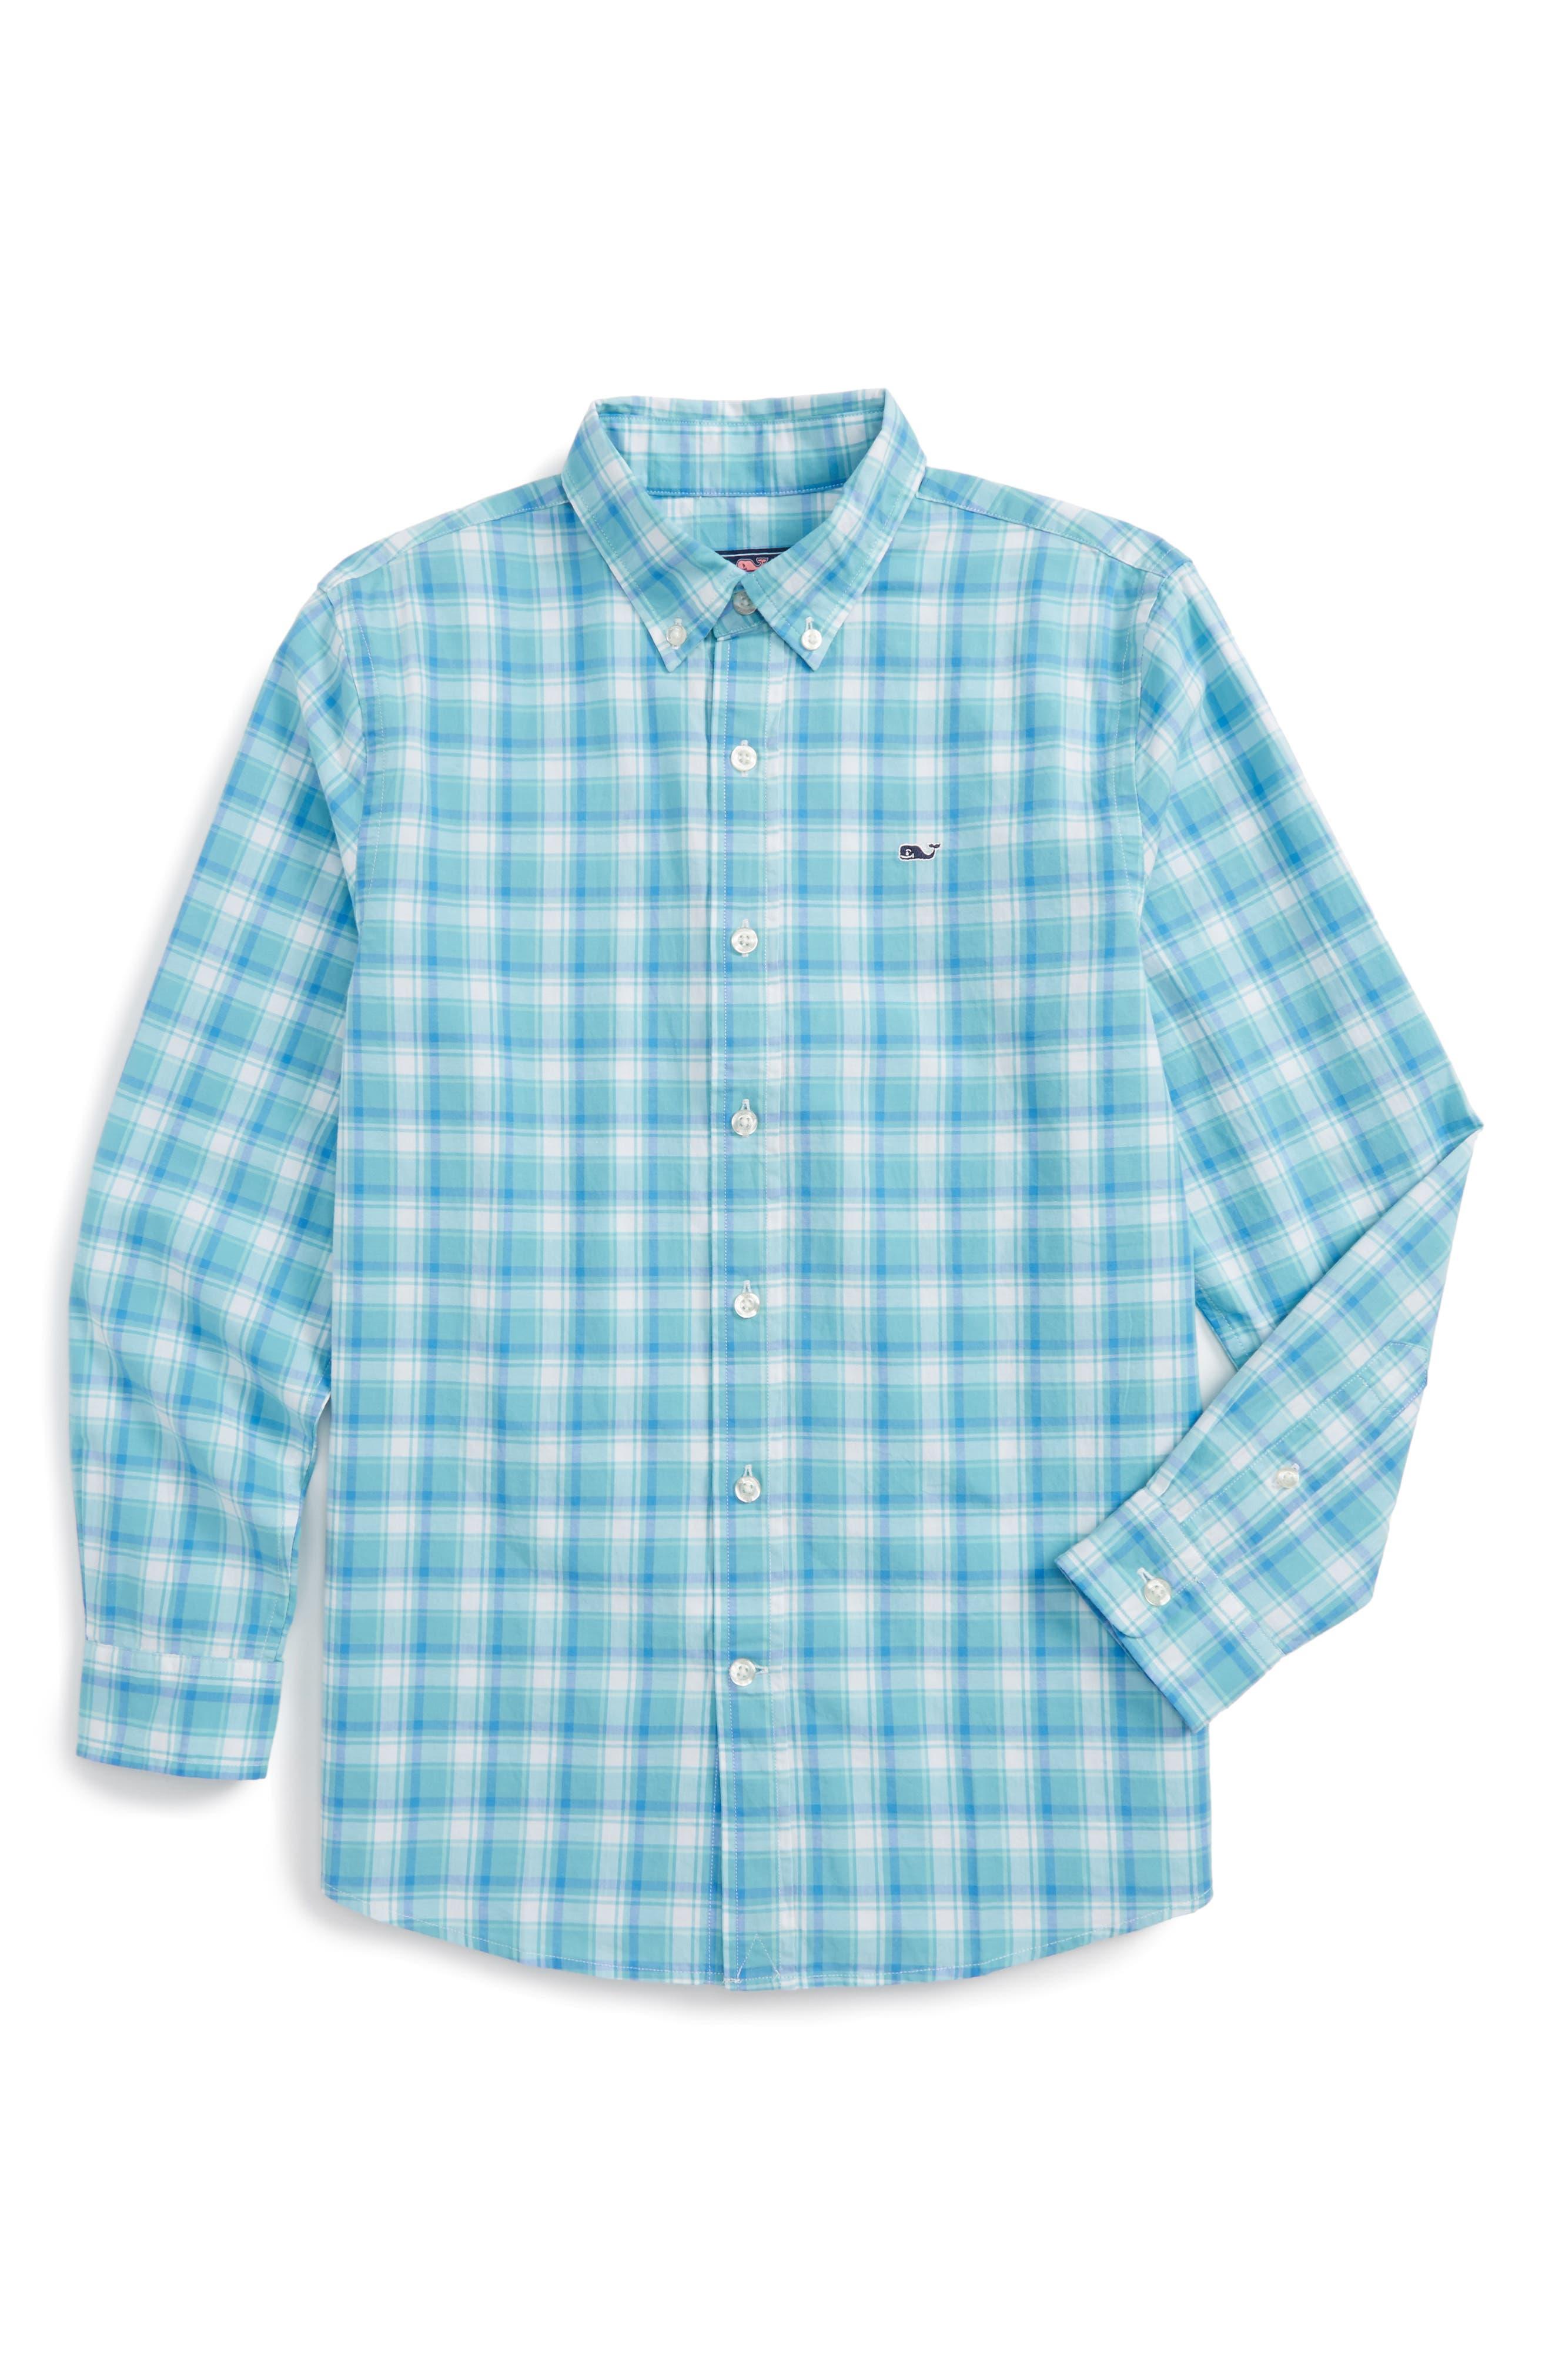 Point Plaid Cotton Shirt,                             Main thumbnail 1, color,                             442